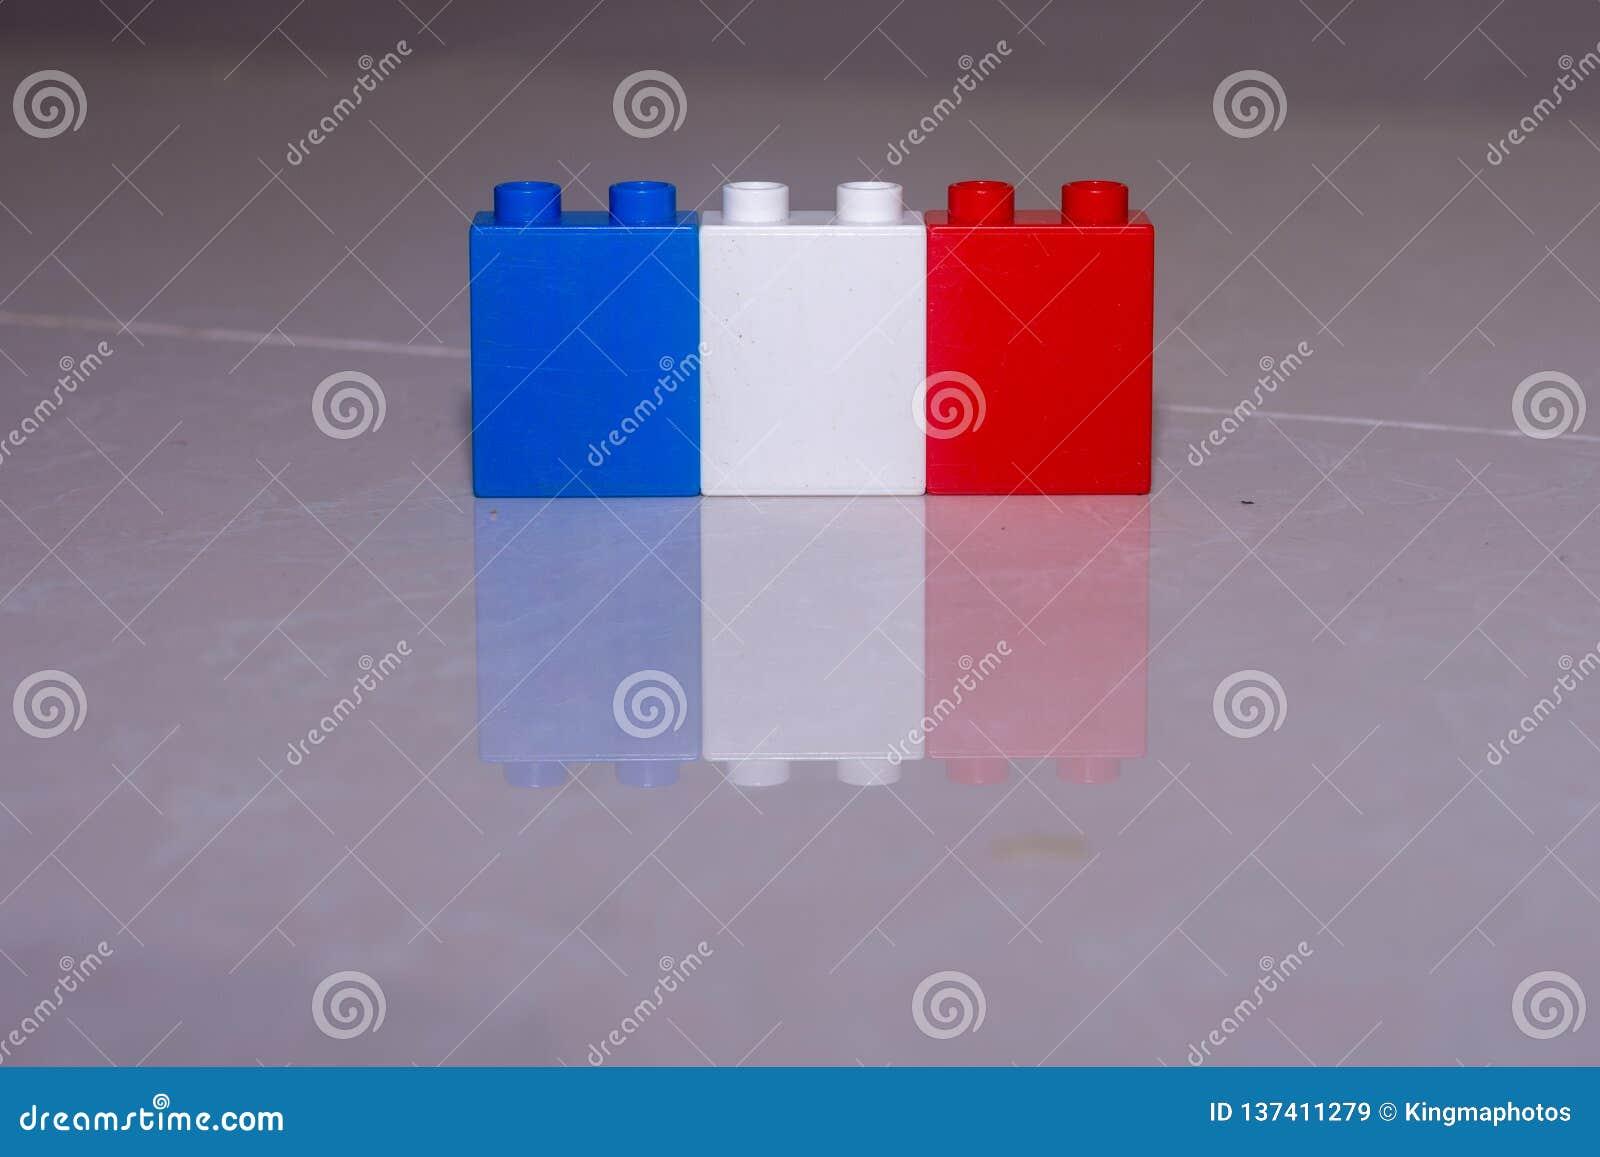 Drapeau français blanc, rouge et bleu fait de blocs de jouet sur une tuile avec une réflexion et un espace pour ajouter le concep